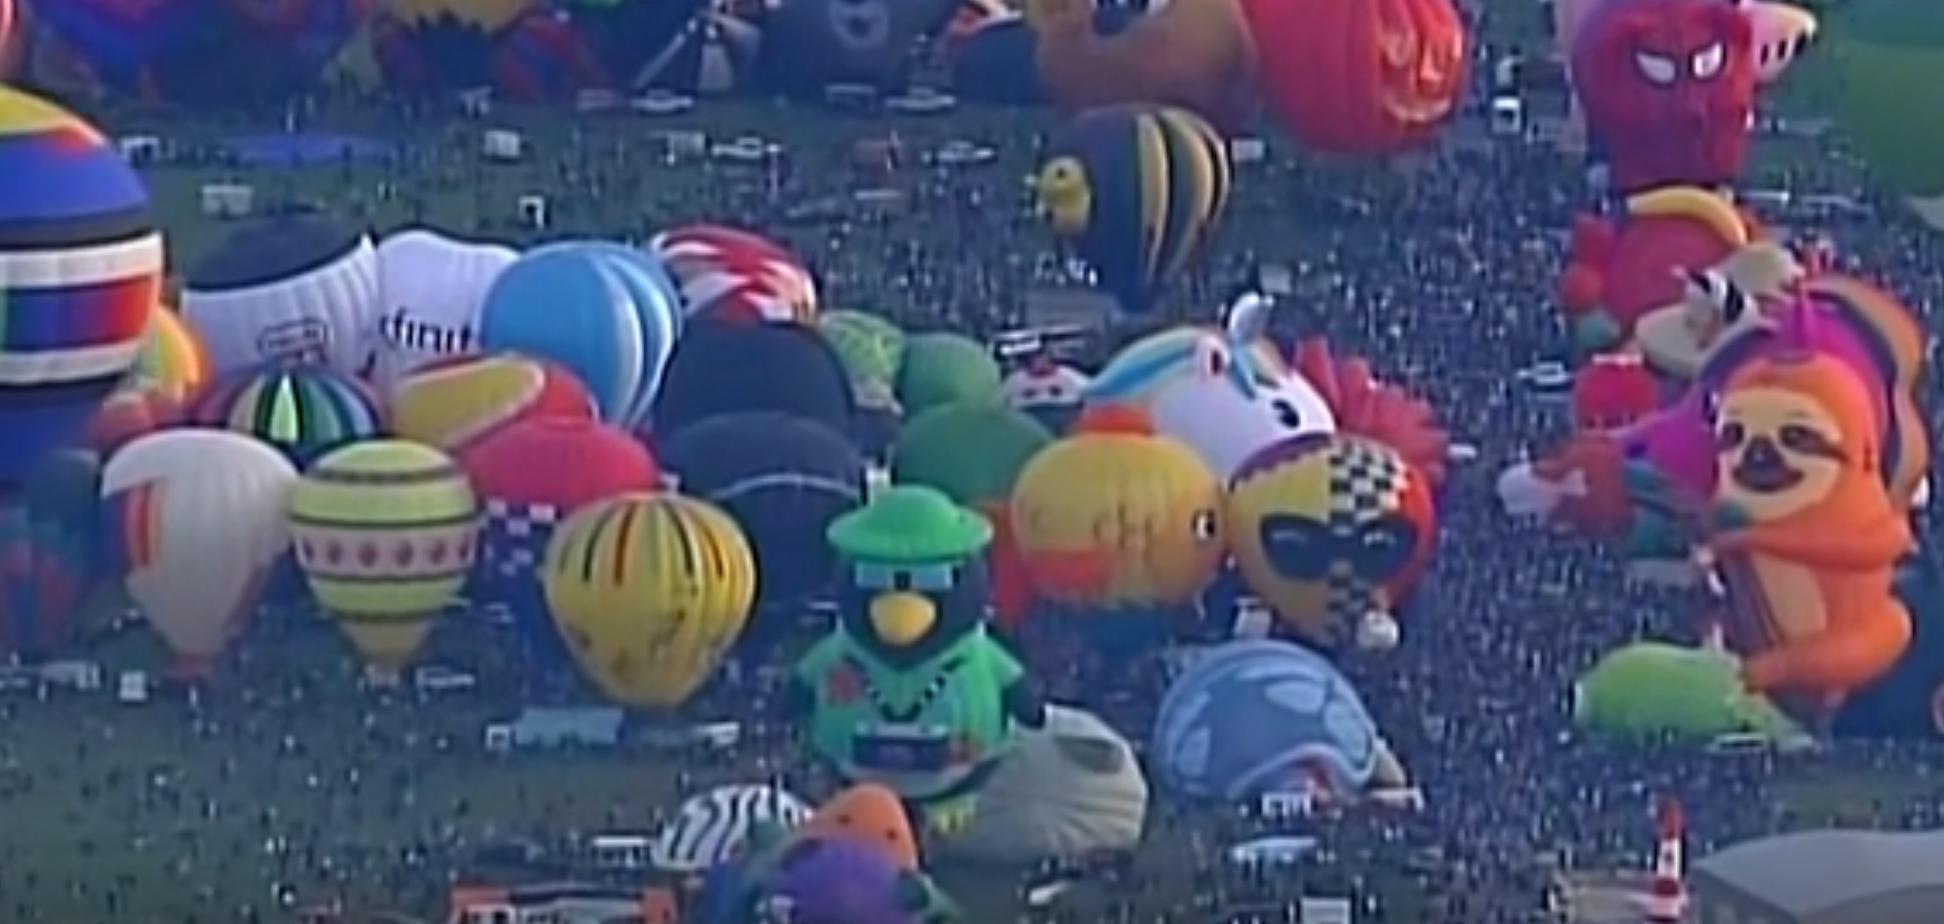 В форме пингвинов и уток: в США устроили масштабный фестиваль шаров